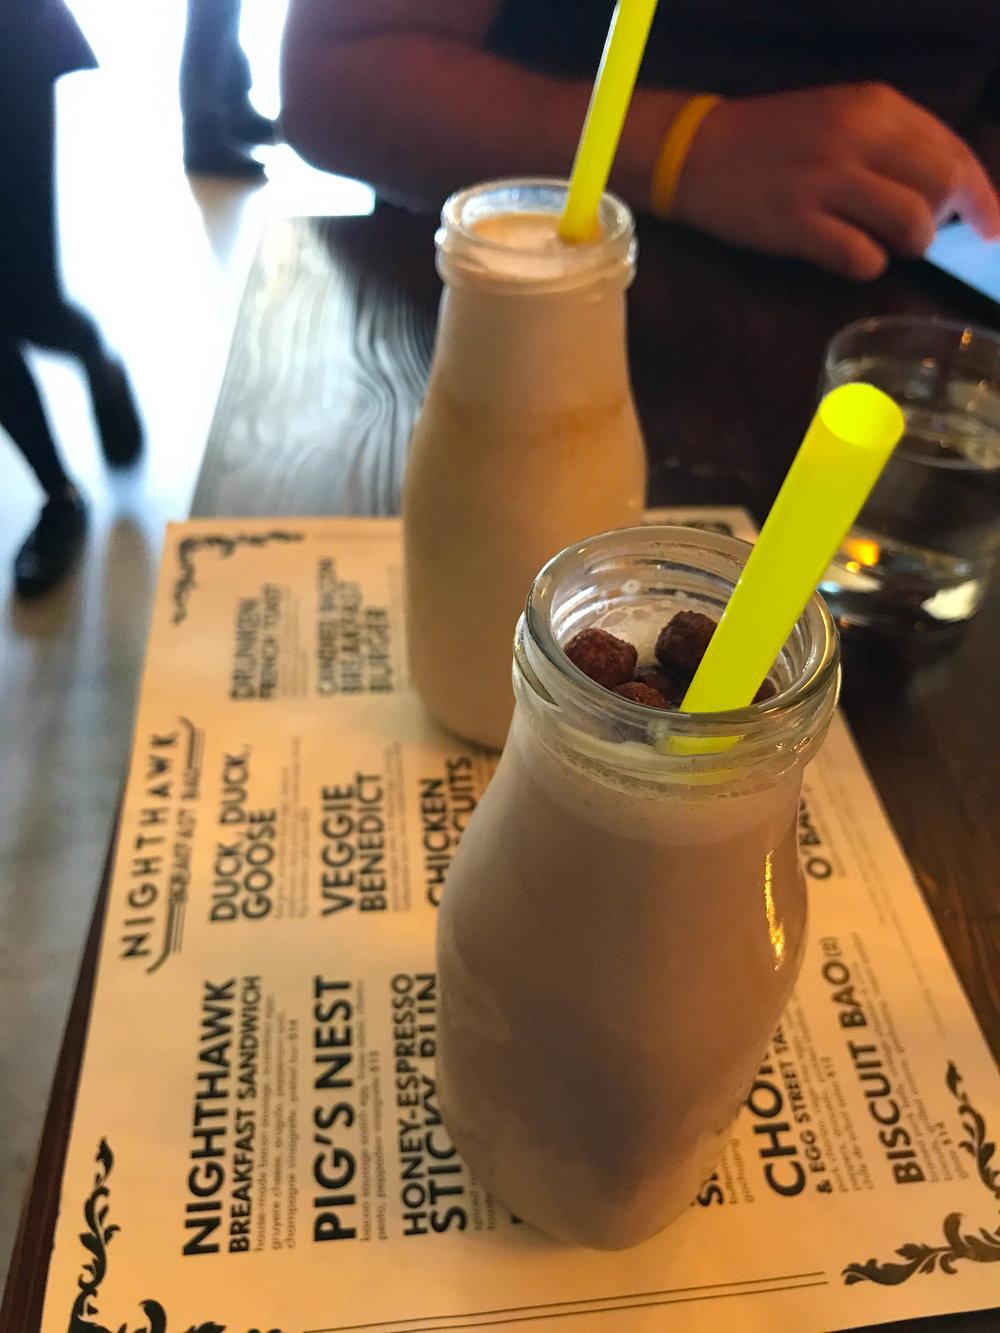 Brunch Post Edited-Nighthawk Breakfast Bar Cereal Milk.jpg